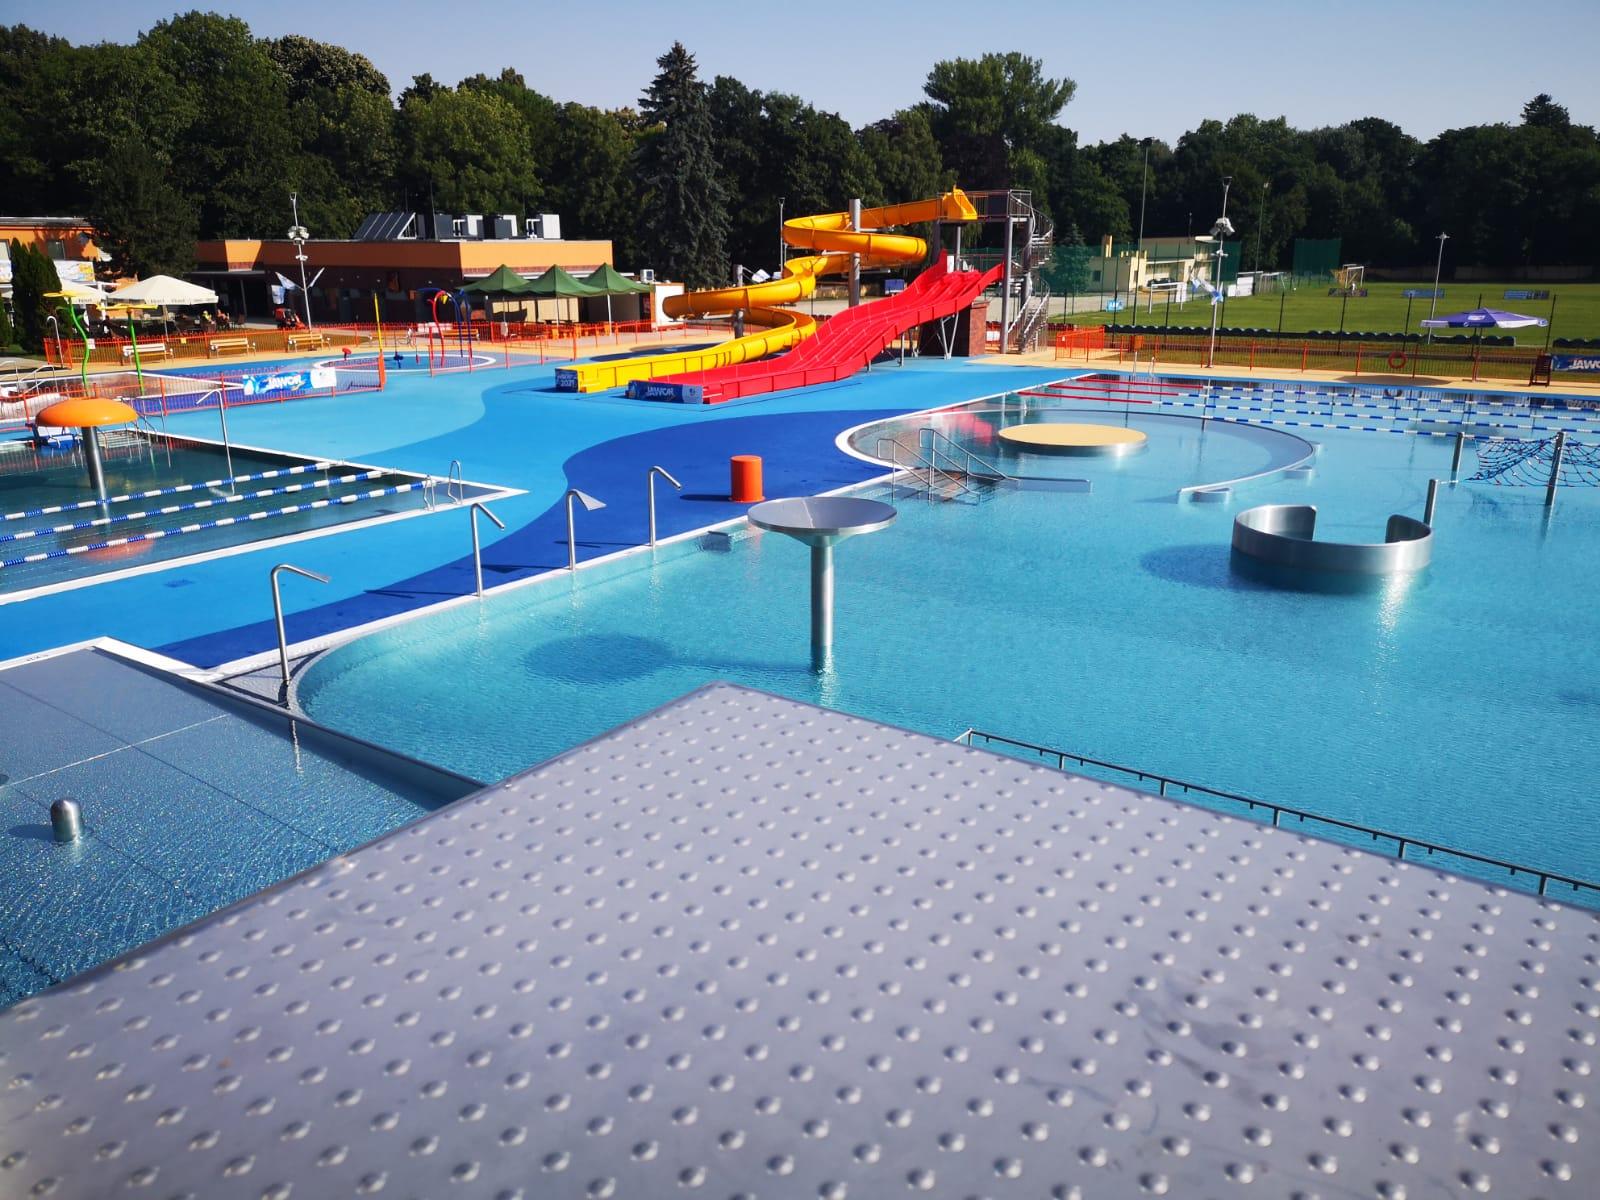 Na I urodzinach parku wodnego w Jaworze zagra The Underdog Project [FOTO]